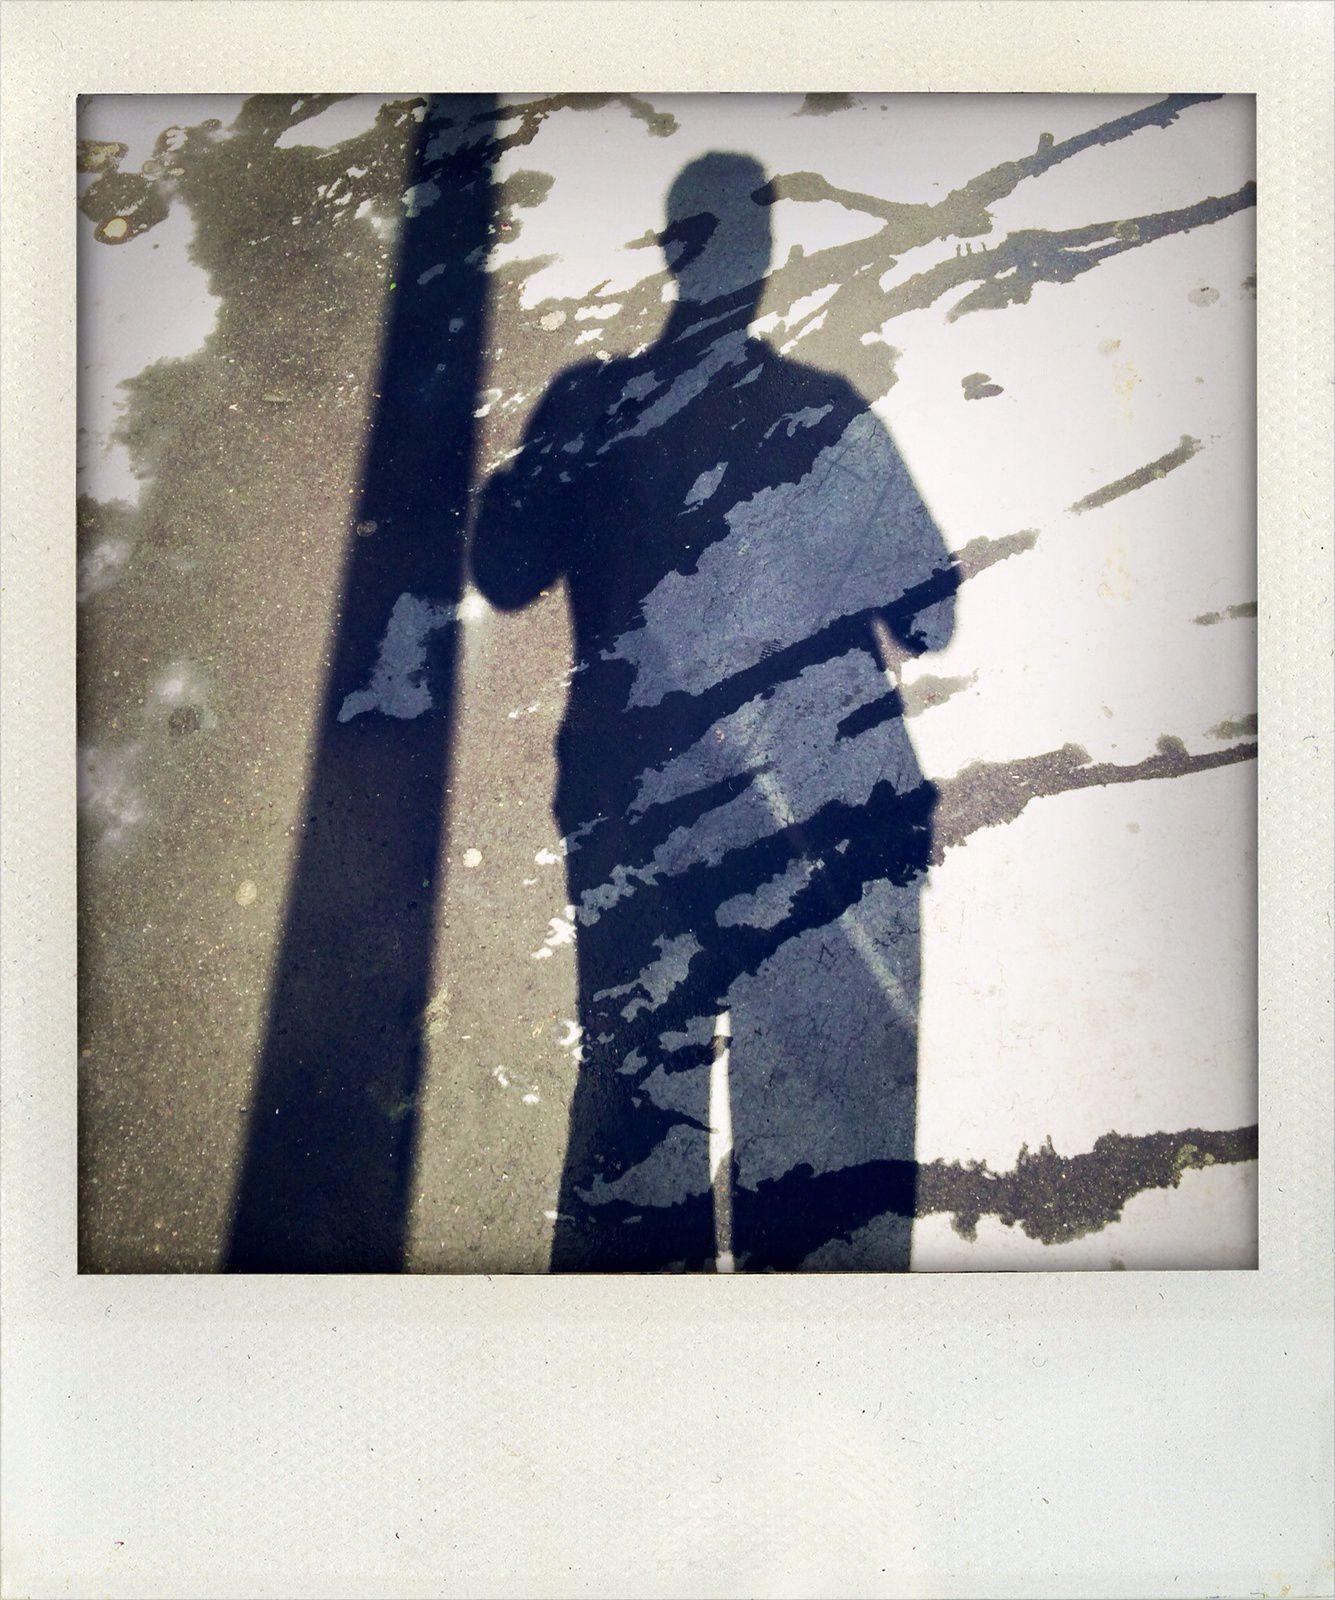 Jetant un oeil au trottoir, je découvre un monde : des ombres contrastées, une lumière puissante qui brûle le sol, de l'humidité et des éclaboussures. Une image qui parlerait à la fois aux jeunes de la Place Taharir et de la Place Taksim ainsi qu'aux jeunes israéliens et palestiniens ?